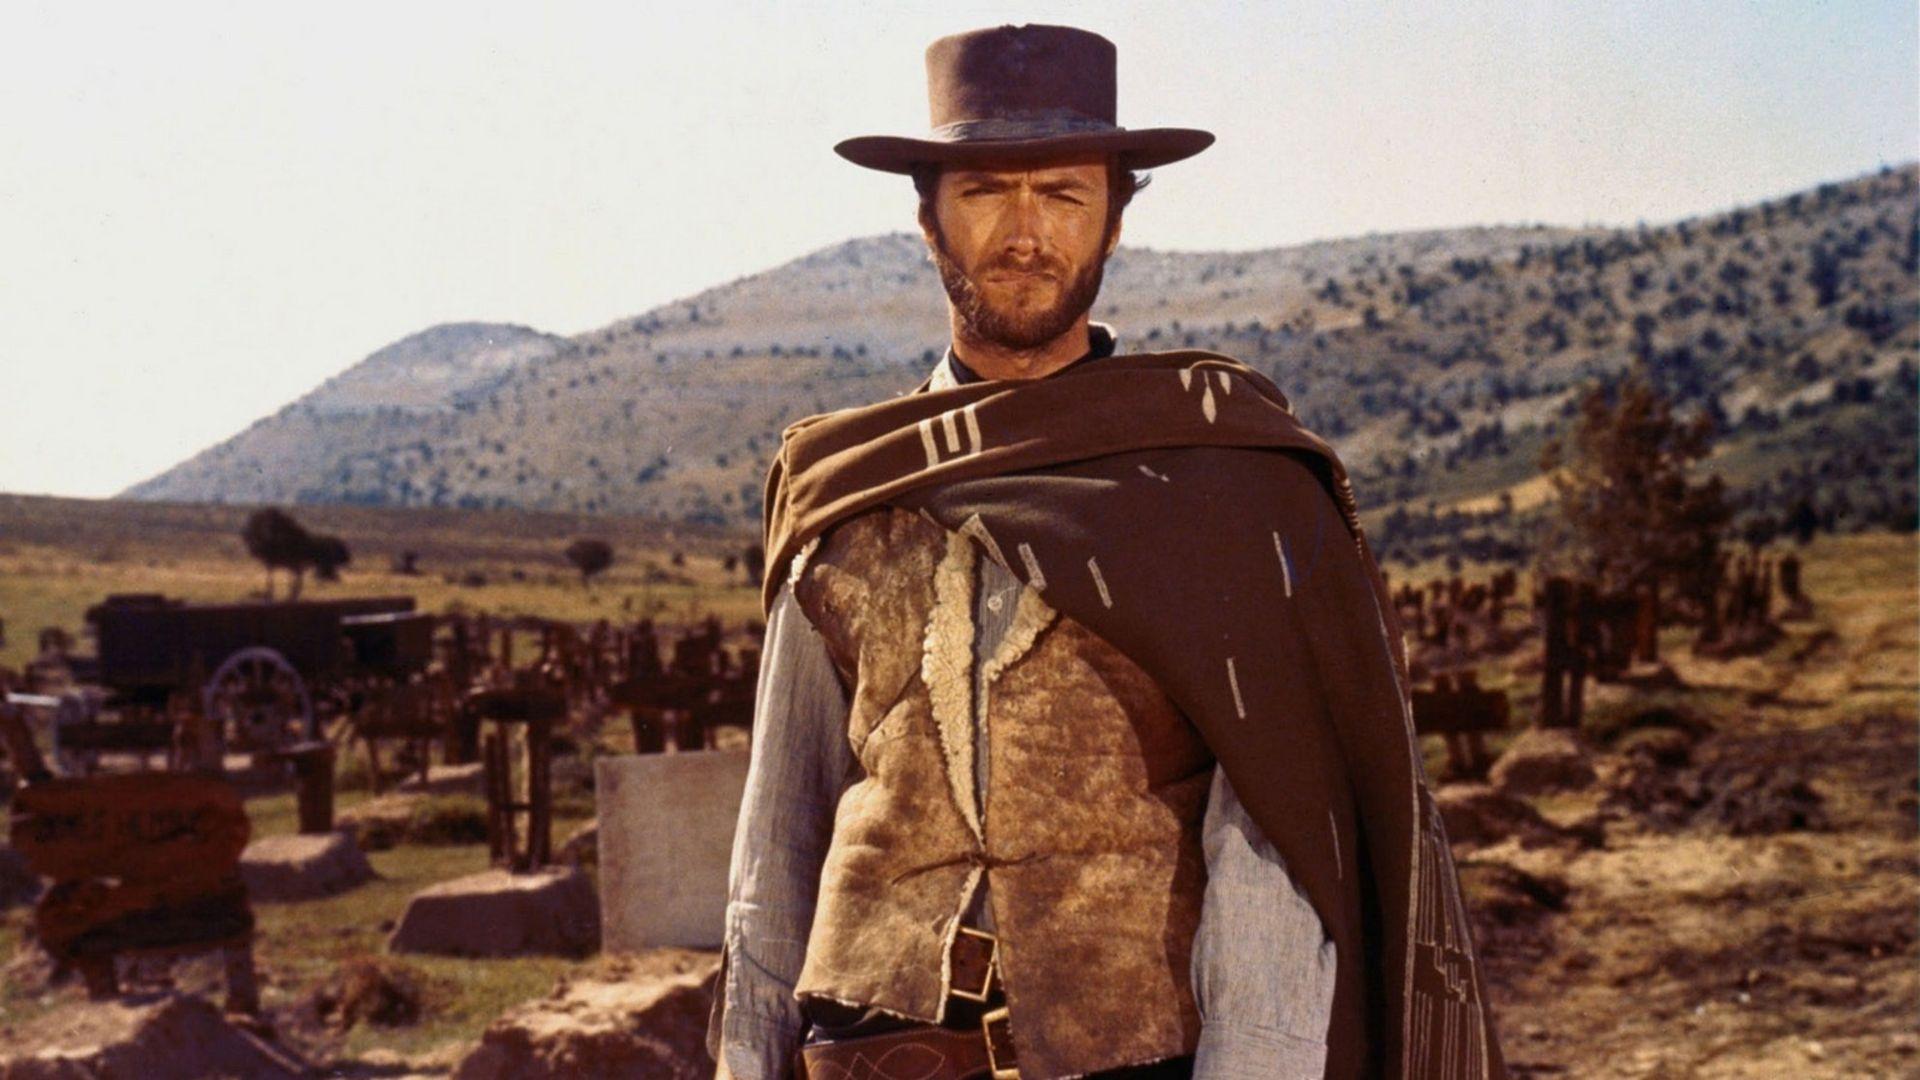 Clint Eastwood 90 yaşında üretmeye devam ediyor